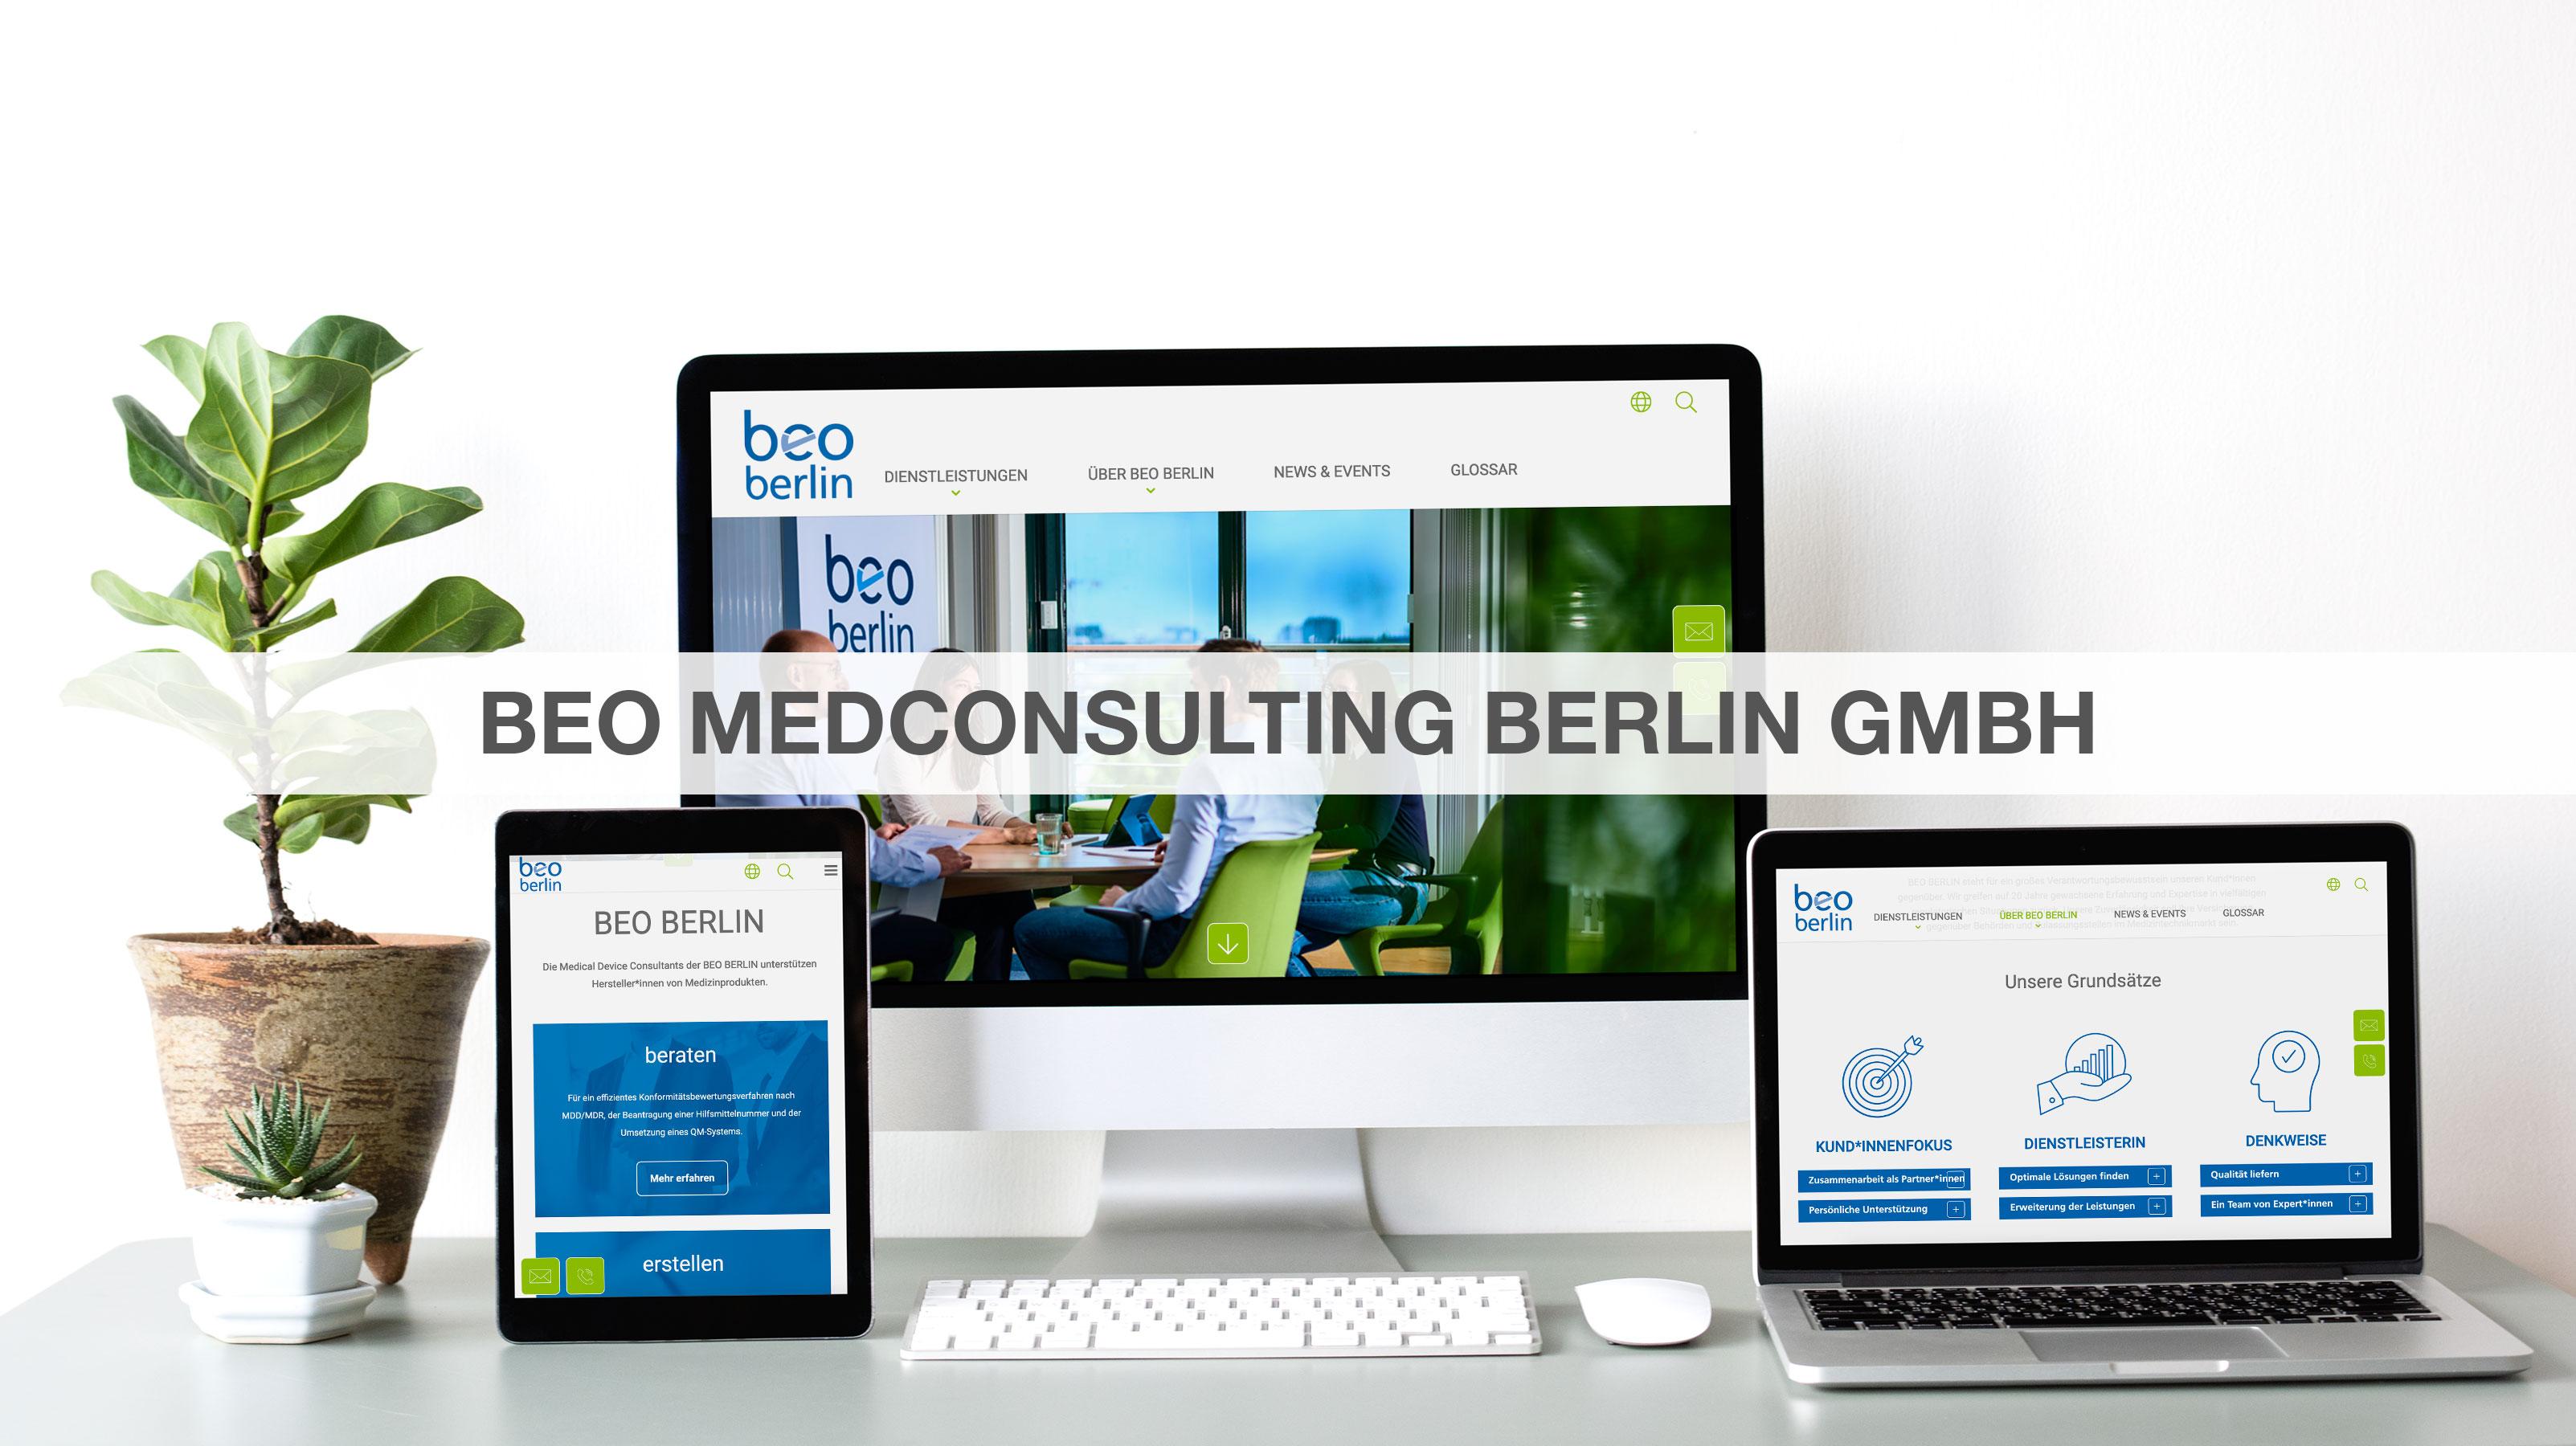 BEO MedConsulting Berlin GmbH - Markenbildung & Positionierung